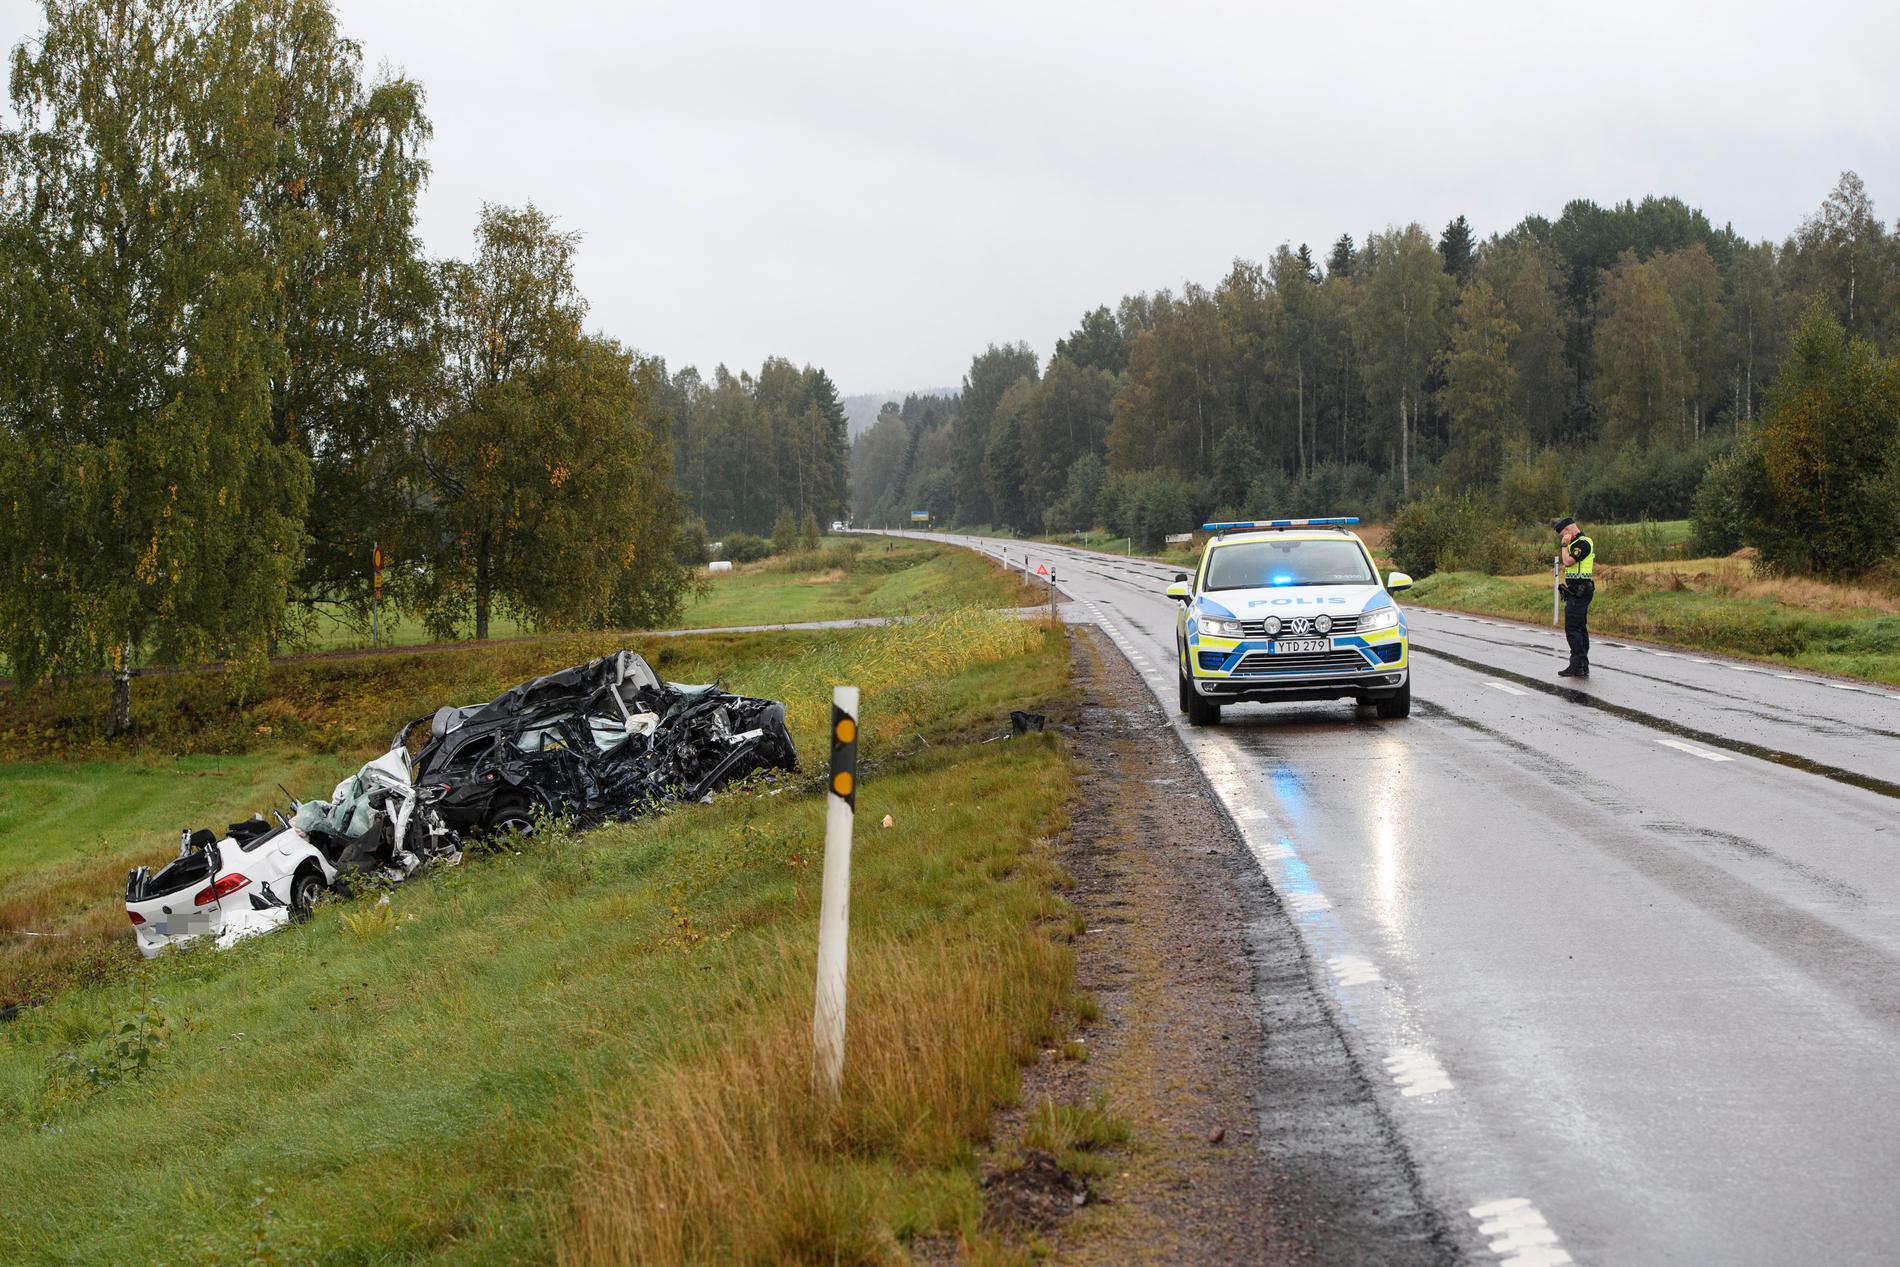 Bilarna totalförstördes i den mycket svåra olyckan.